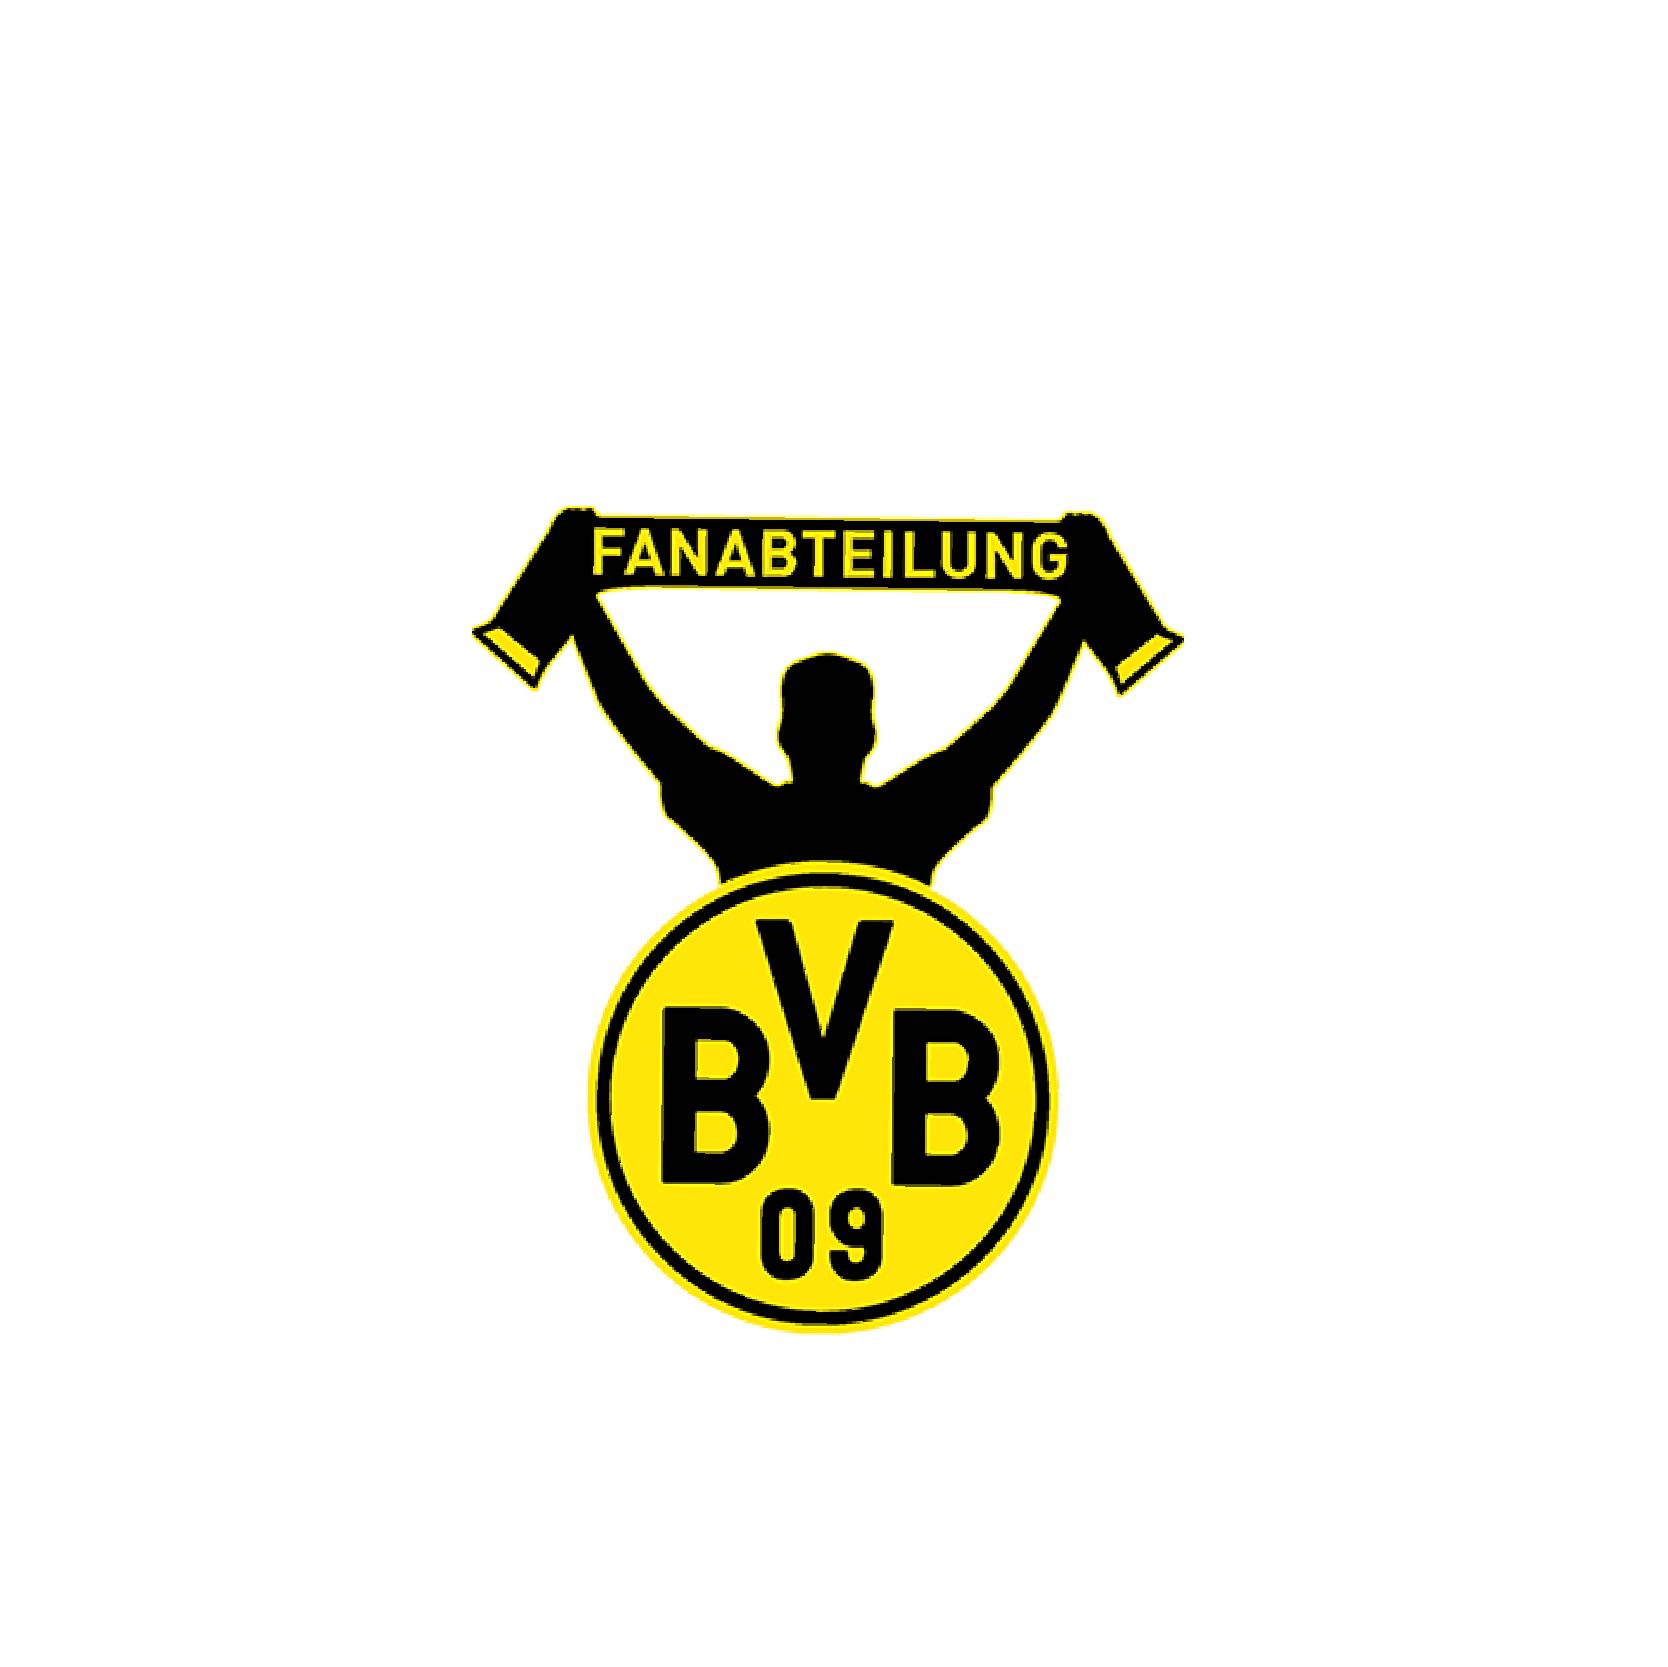 BVB Logo Fanabteilung Agentur